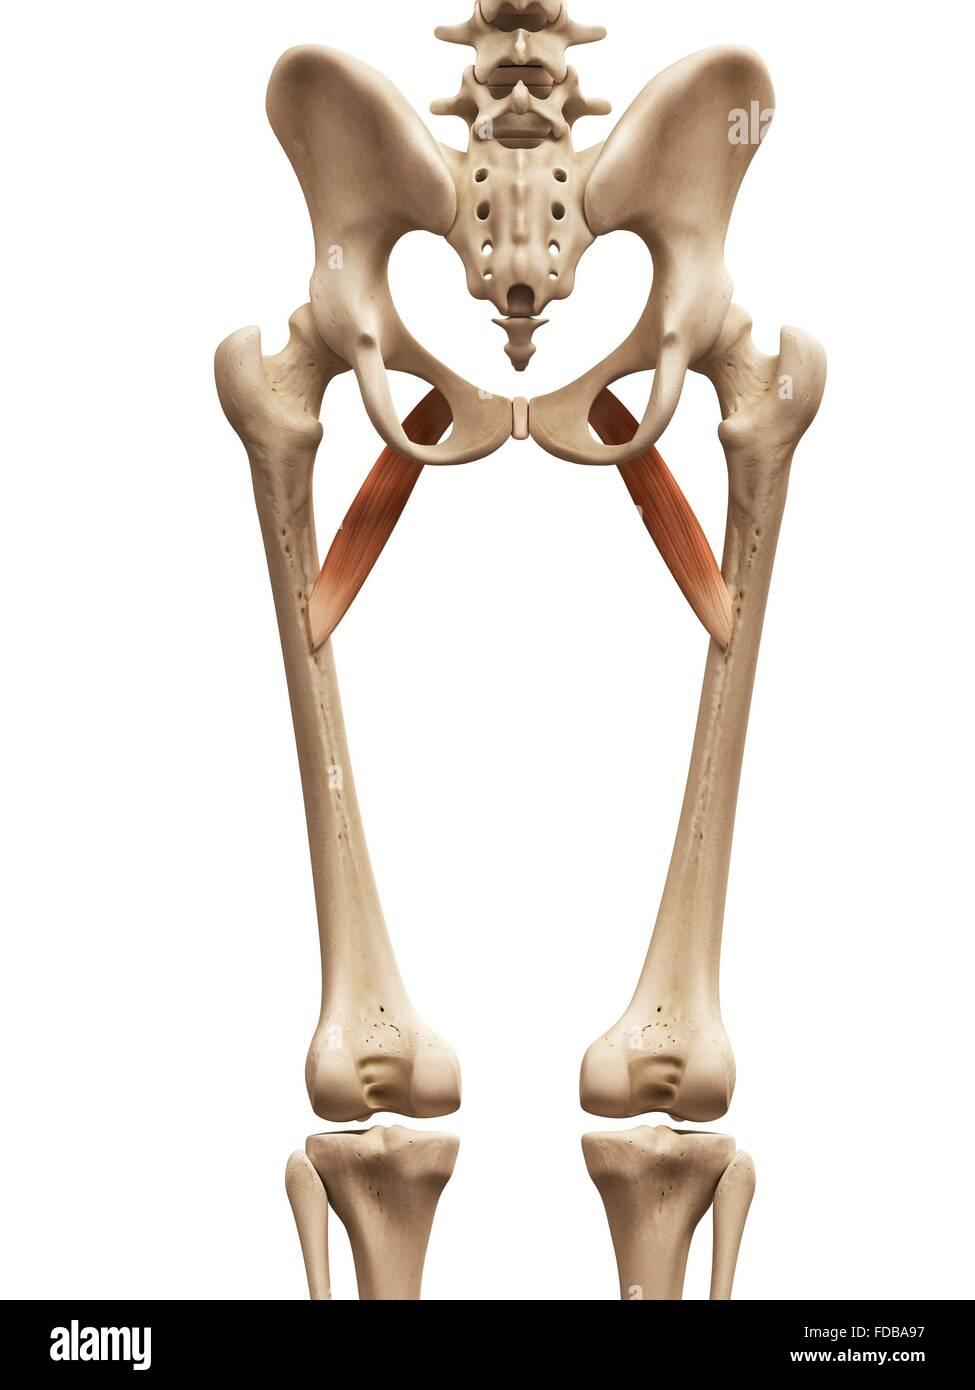 Ungewöhnlich Linke Unterlappen Anatomie Galerie - Anatomie Ideen ...